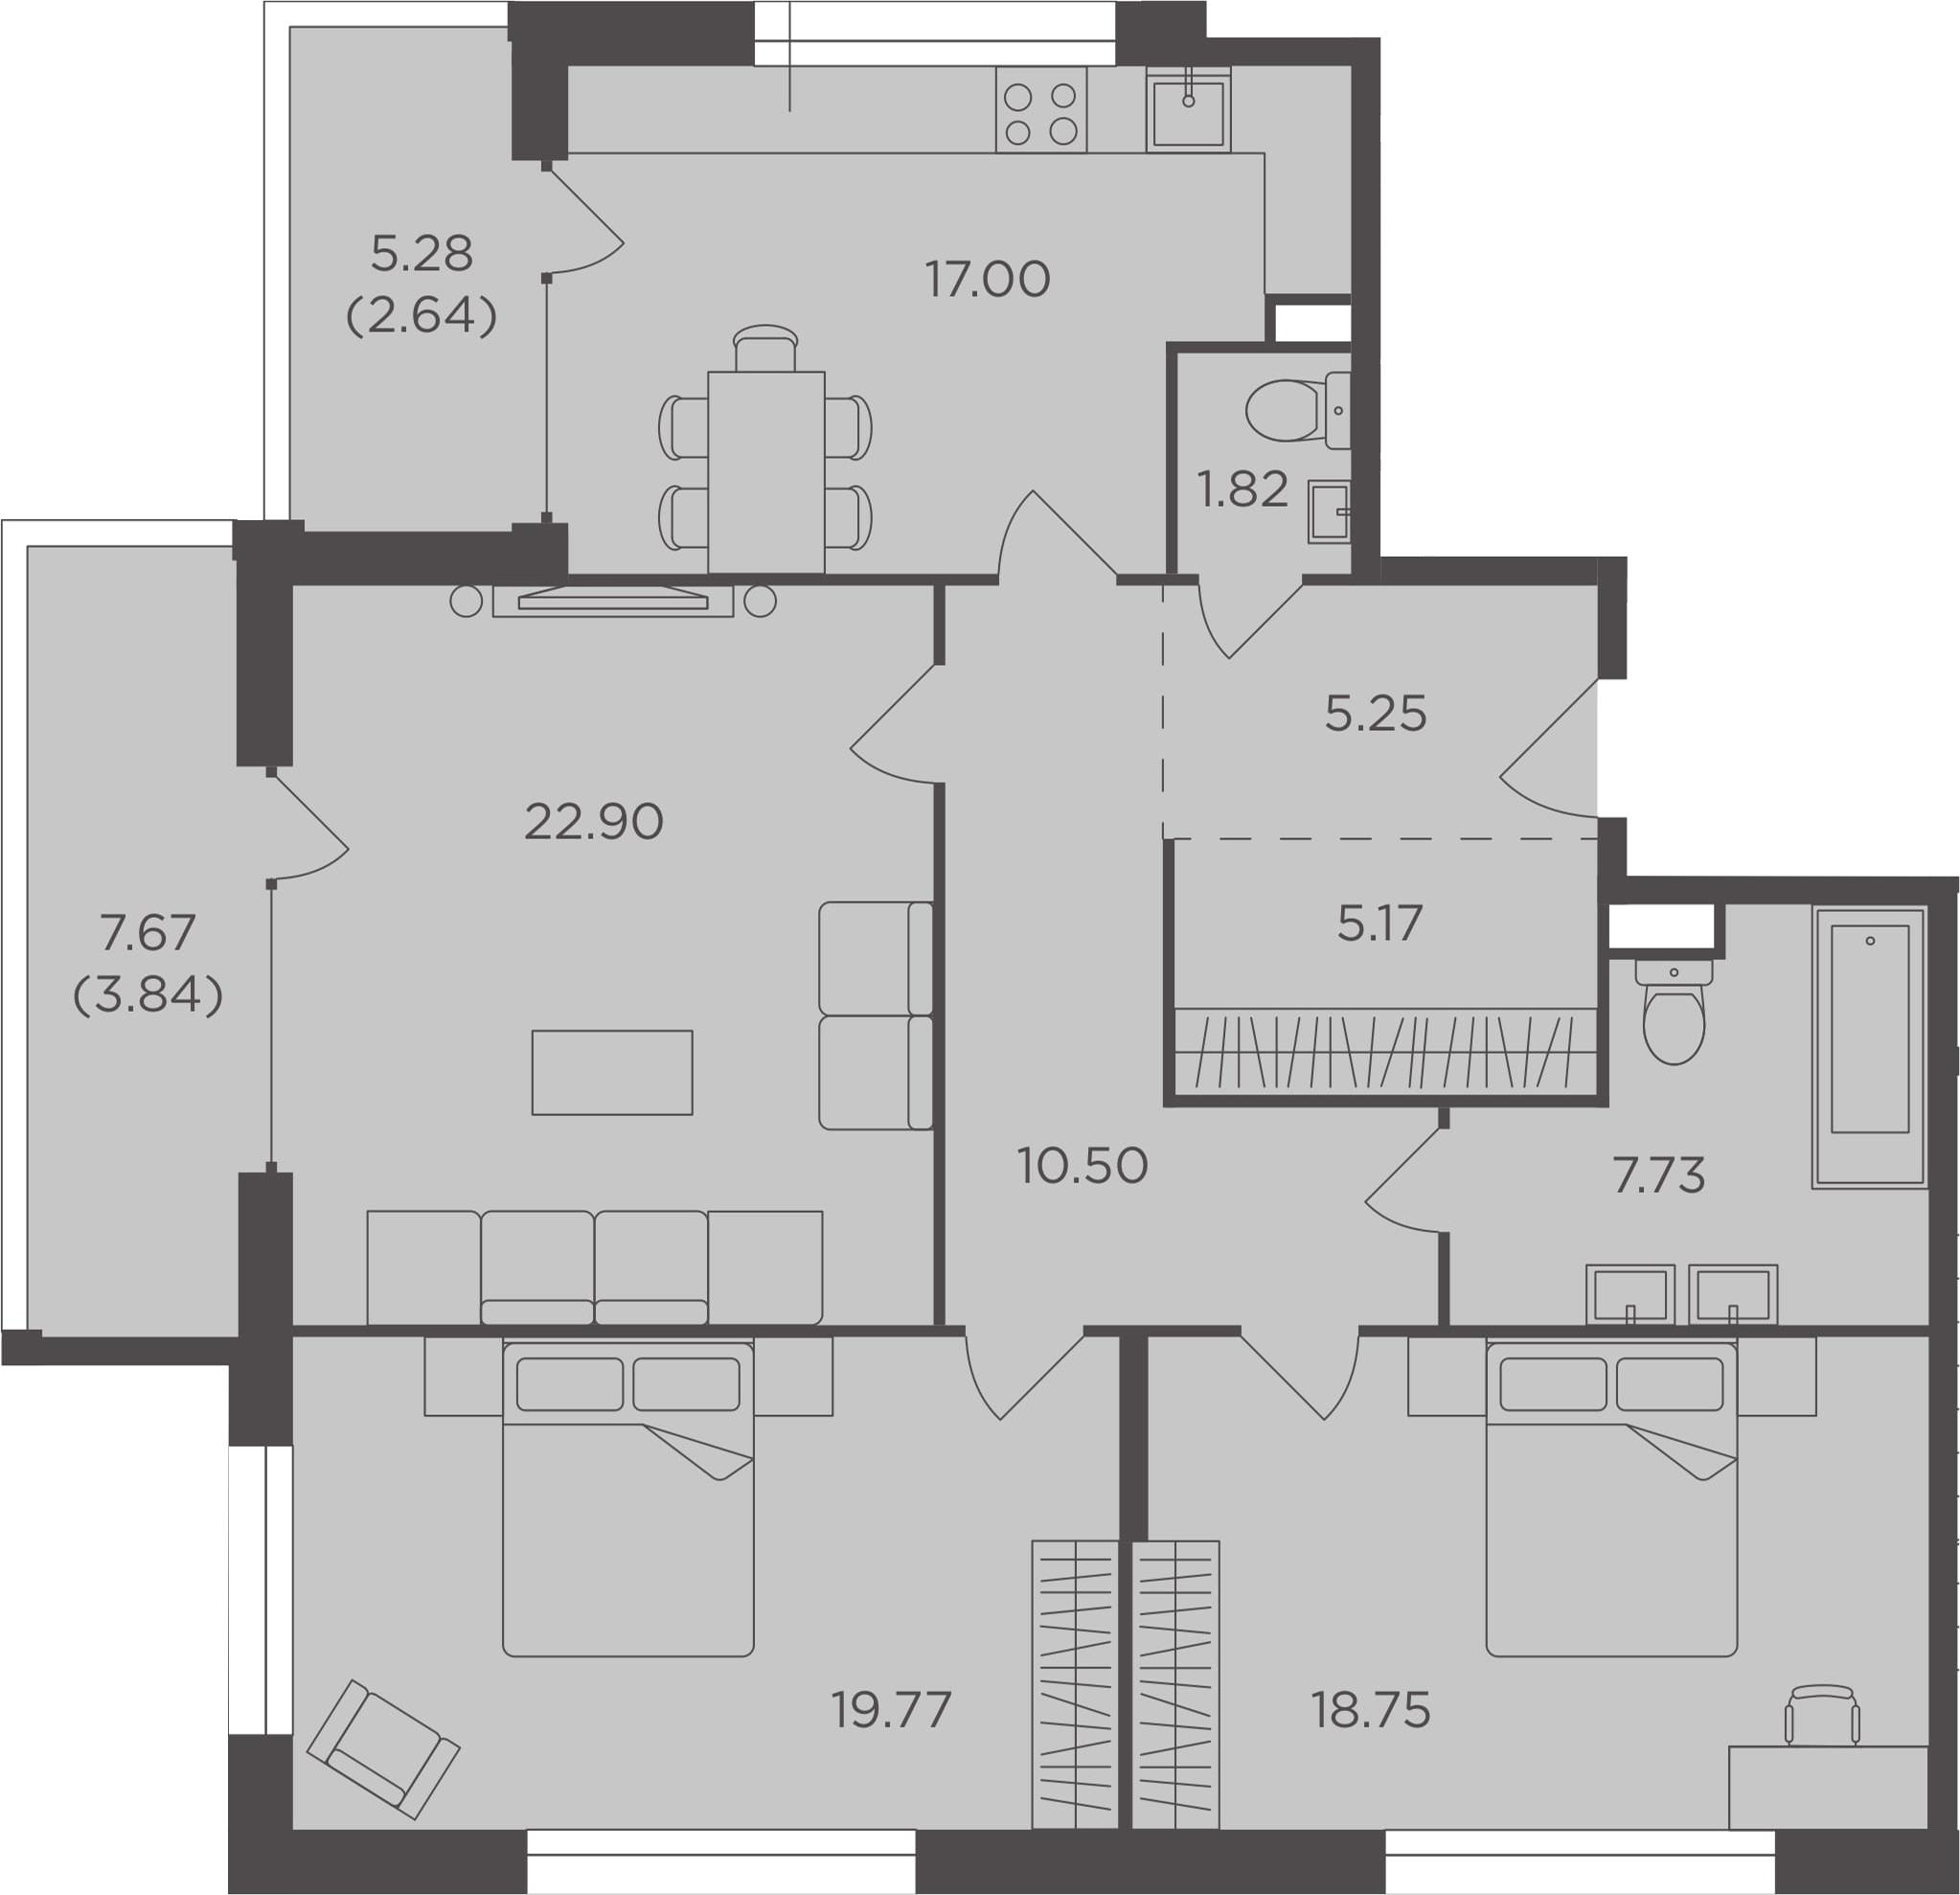 3-к.кв, 115.37 м², 2 этаж